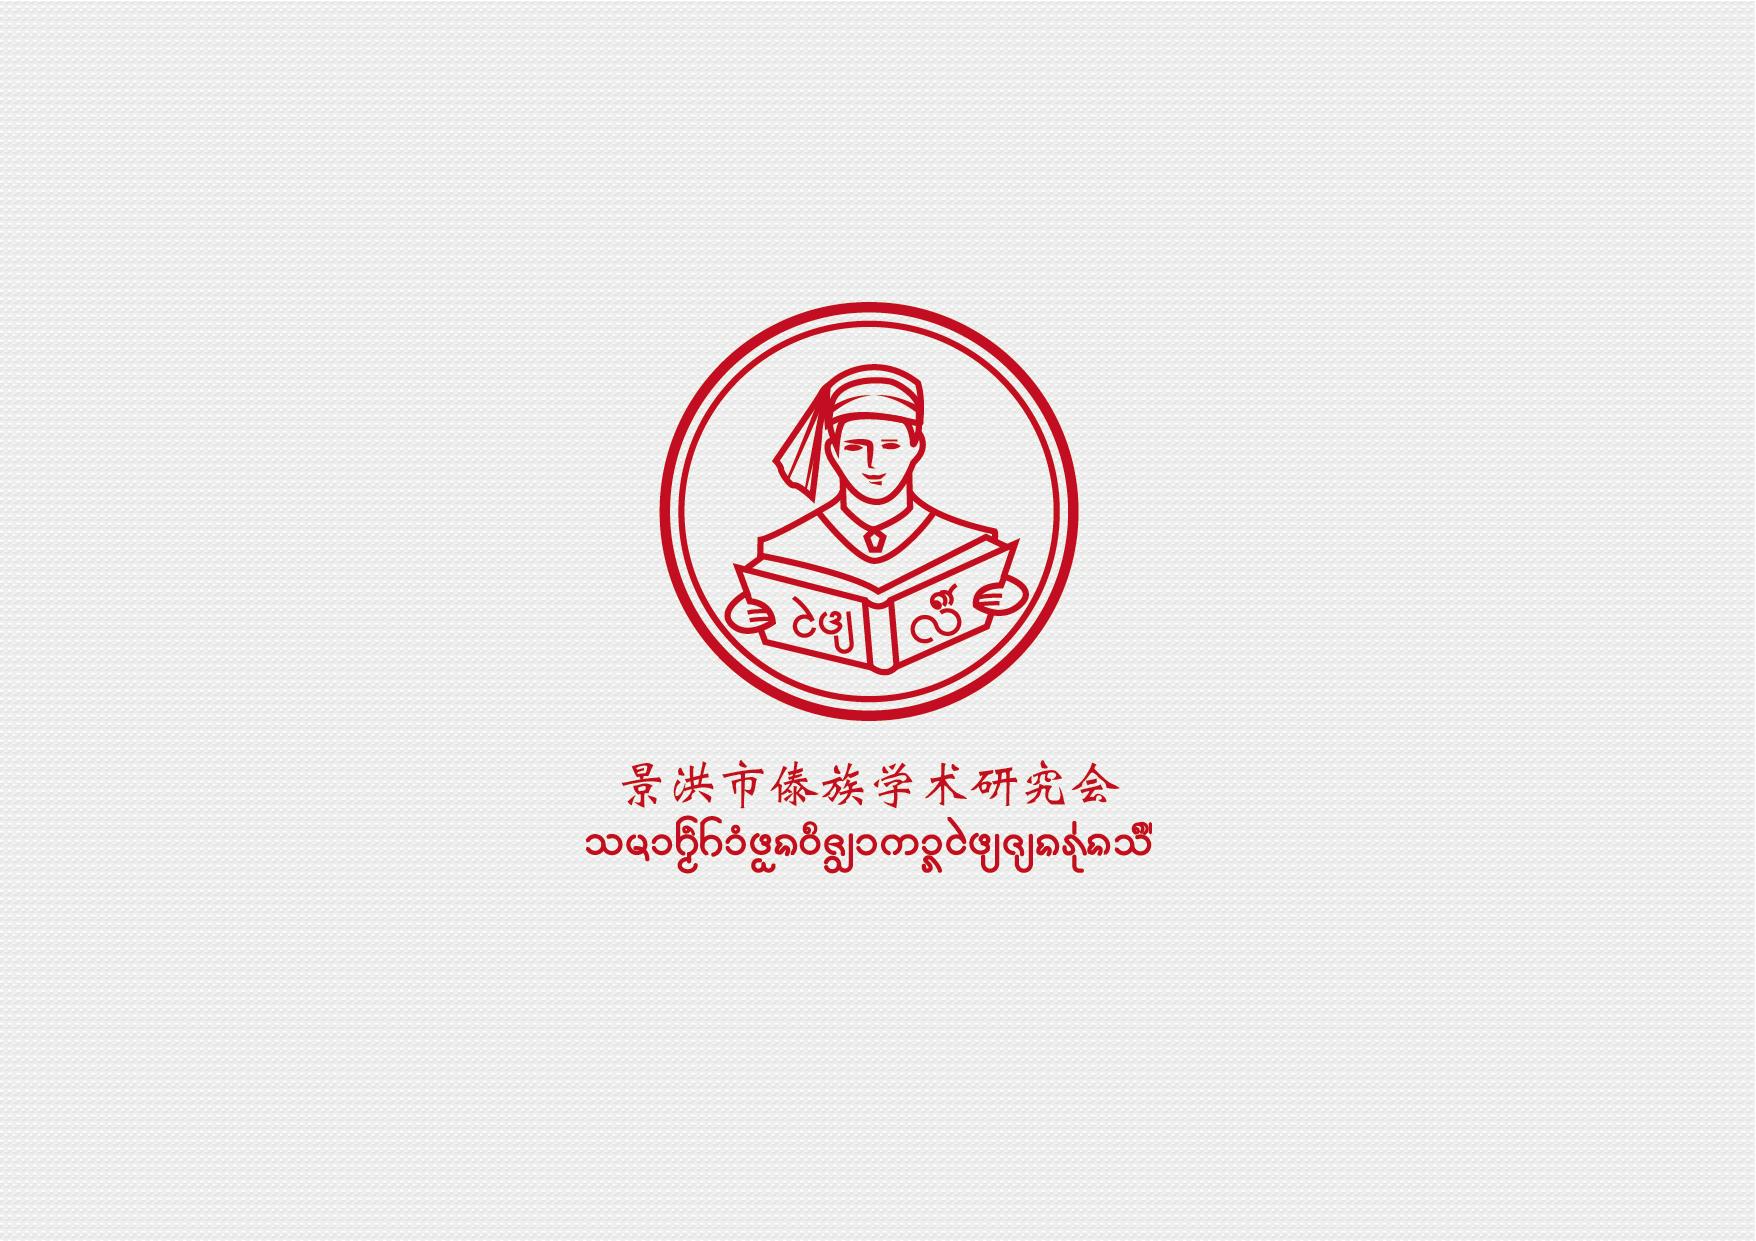 协logo服务-logo设计,设计设计-水源网店面蛋糕装修效果图设计图图片